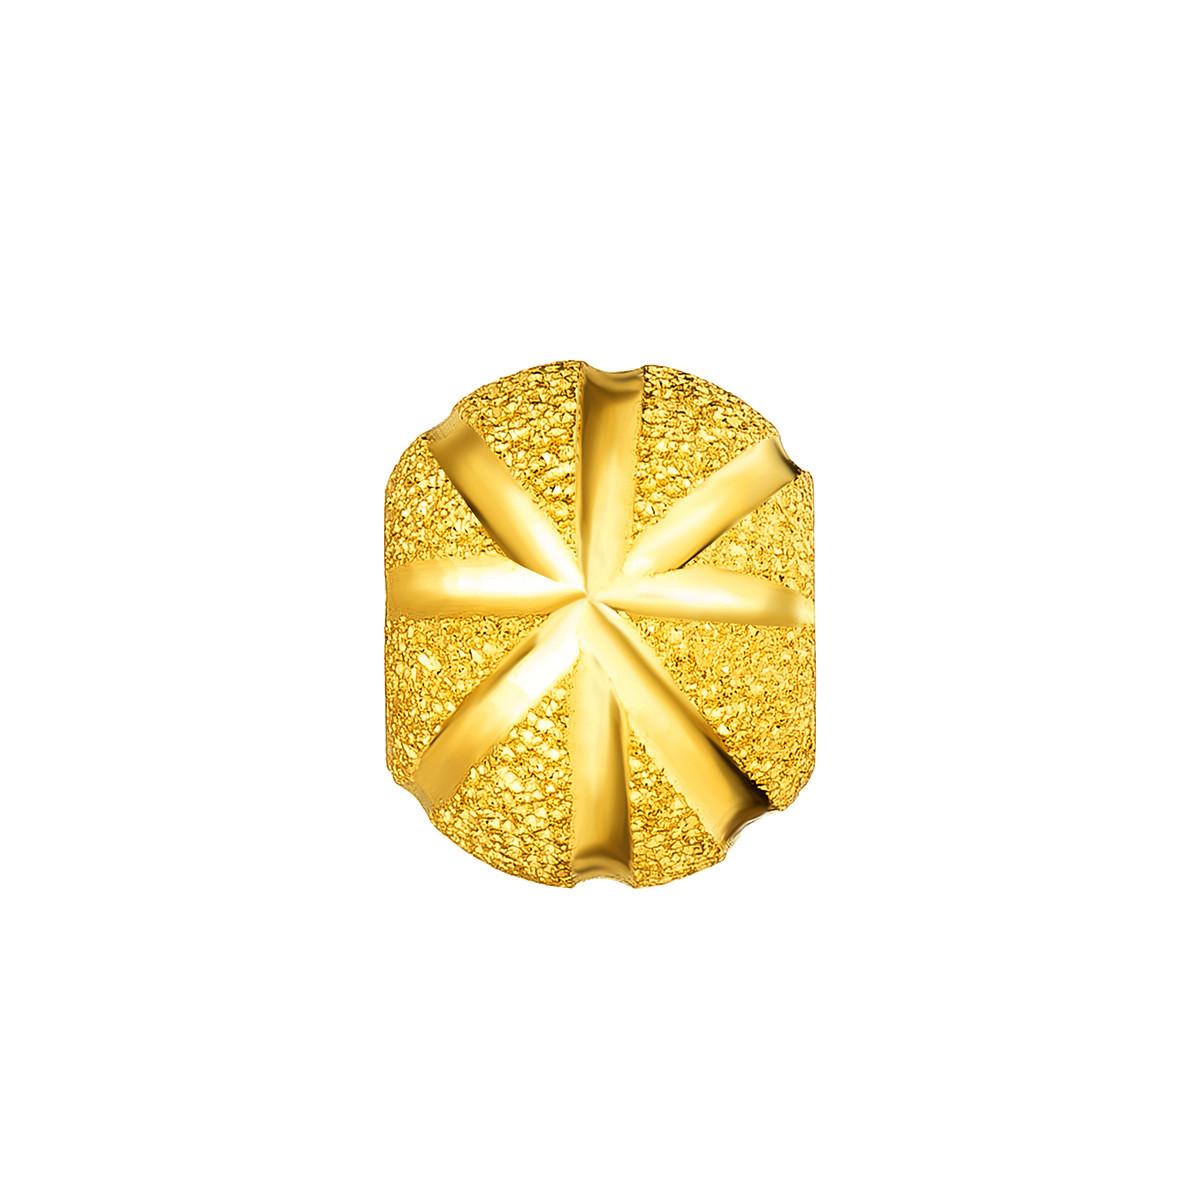 六福珠宝六福珠宝 足金圆形转运珠黄金吊坠(计价/不含链)B01TBGP0001